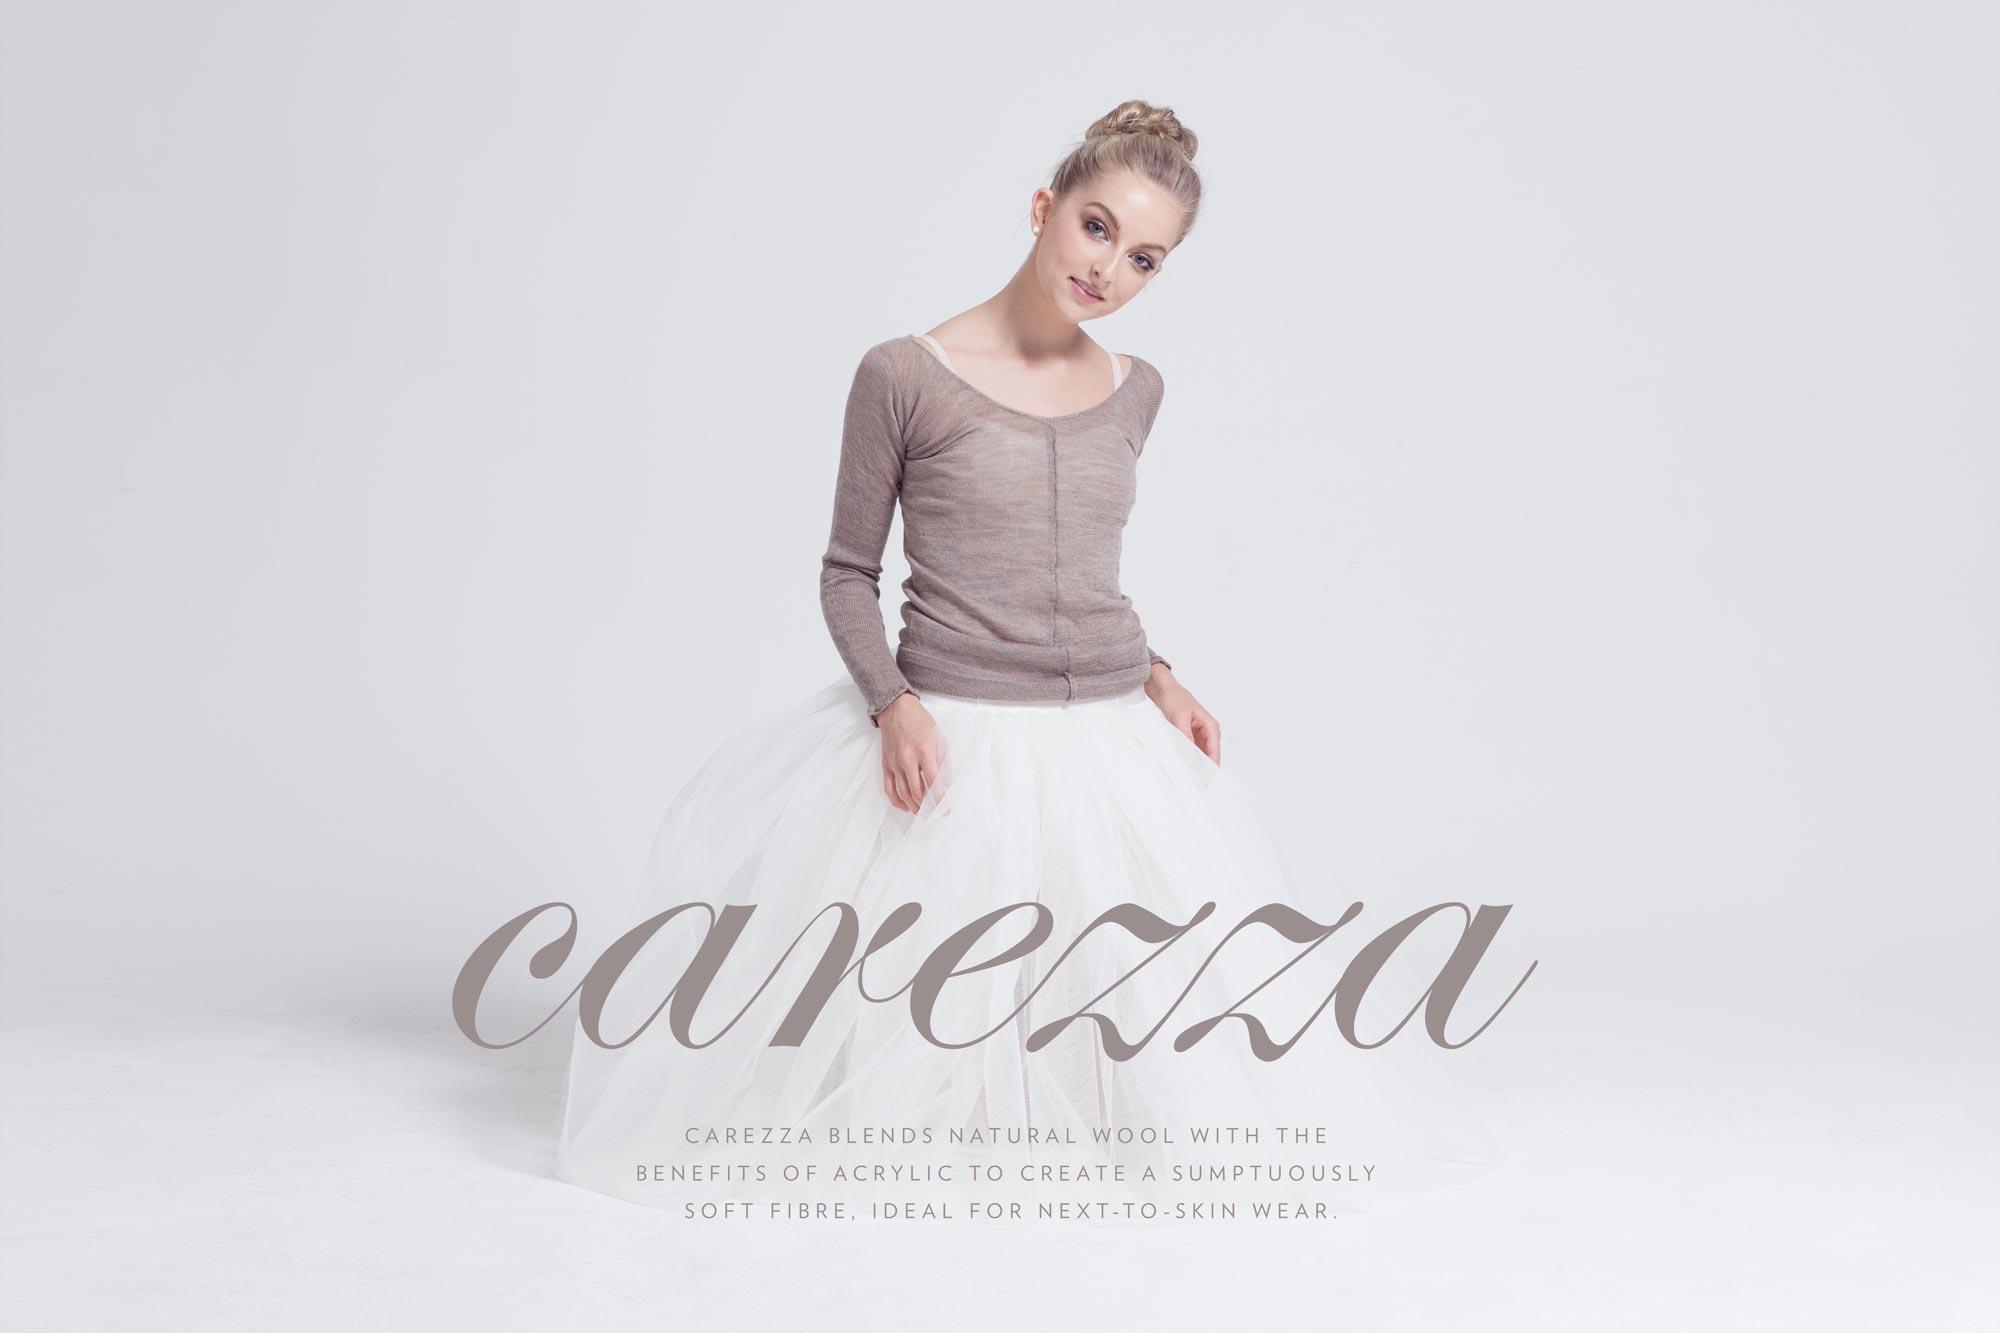 Carezza Knitwear